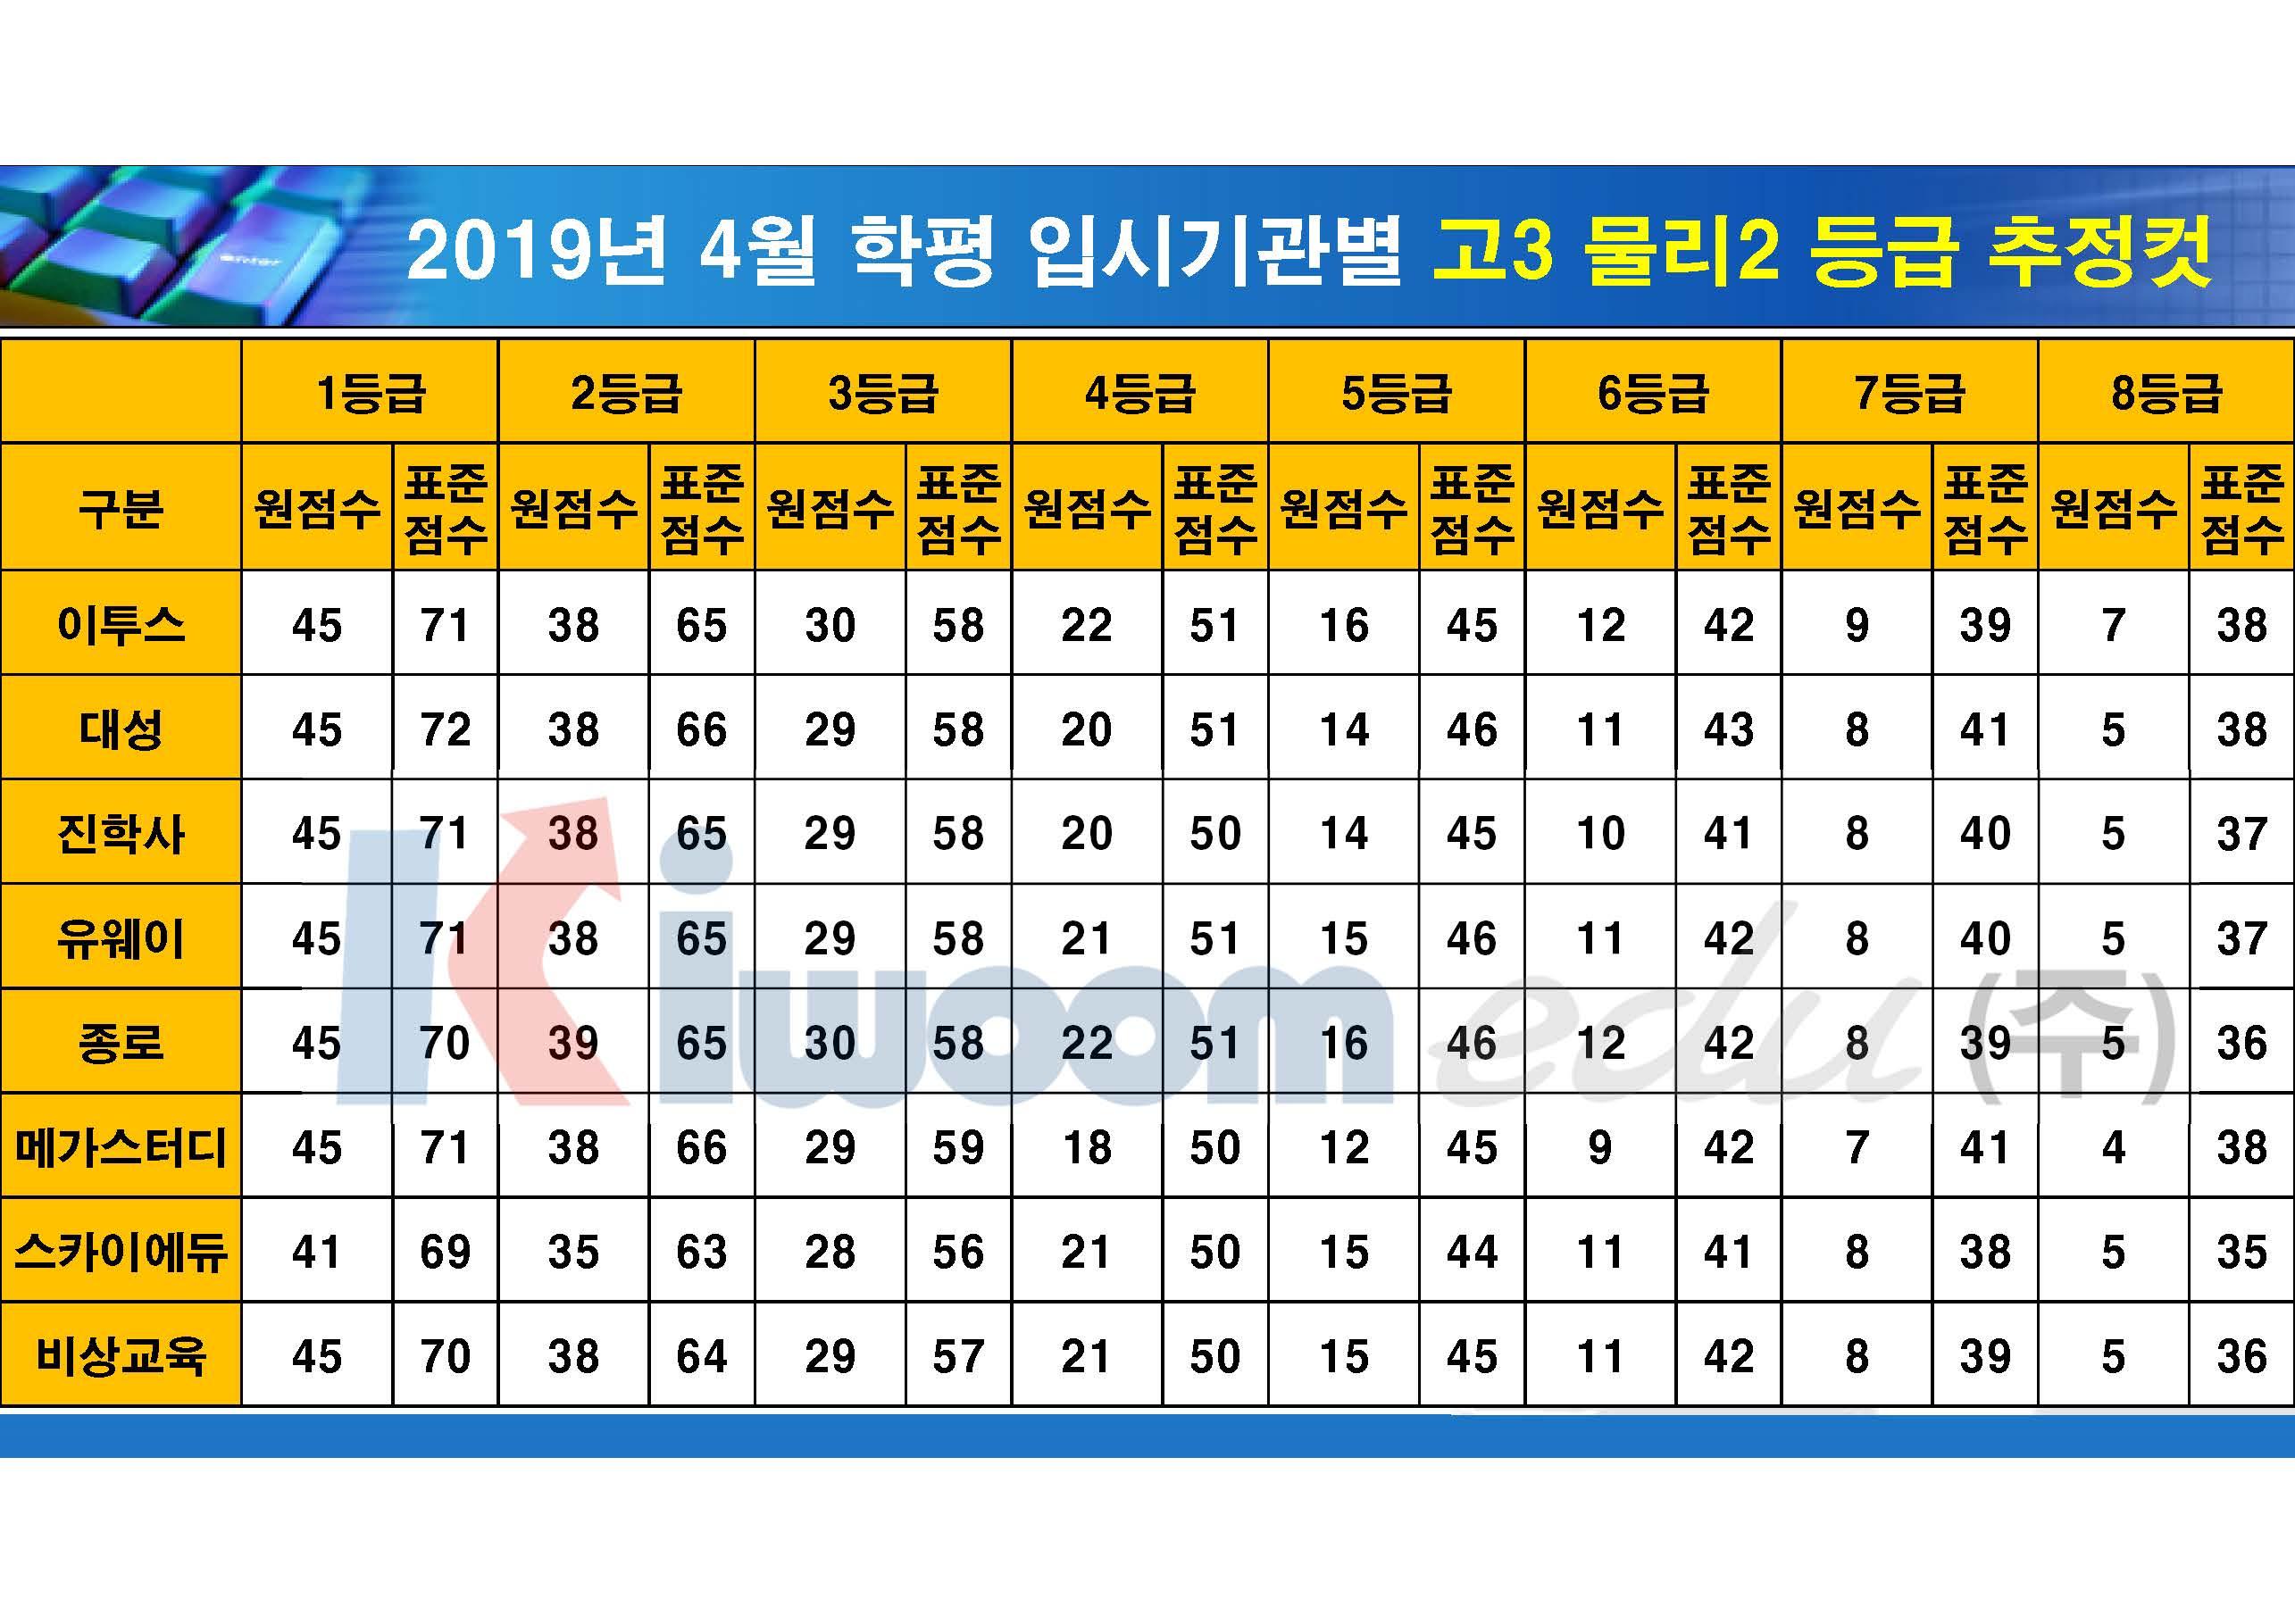 2019 4월 모의고사 입시기관별 등급컷(고3)_20190411_안지훈#2_Page_19.jpg